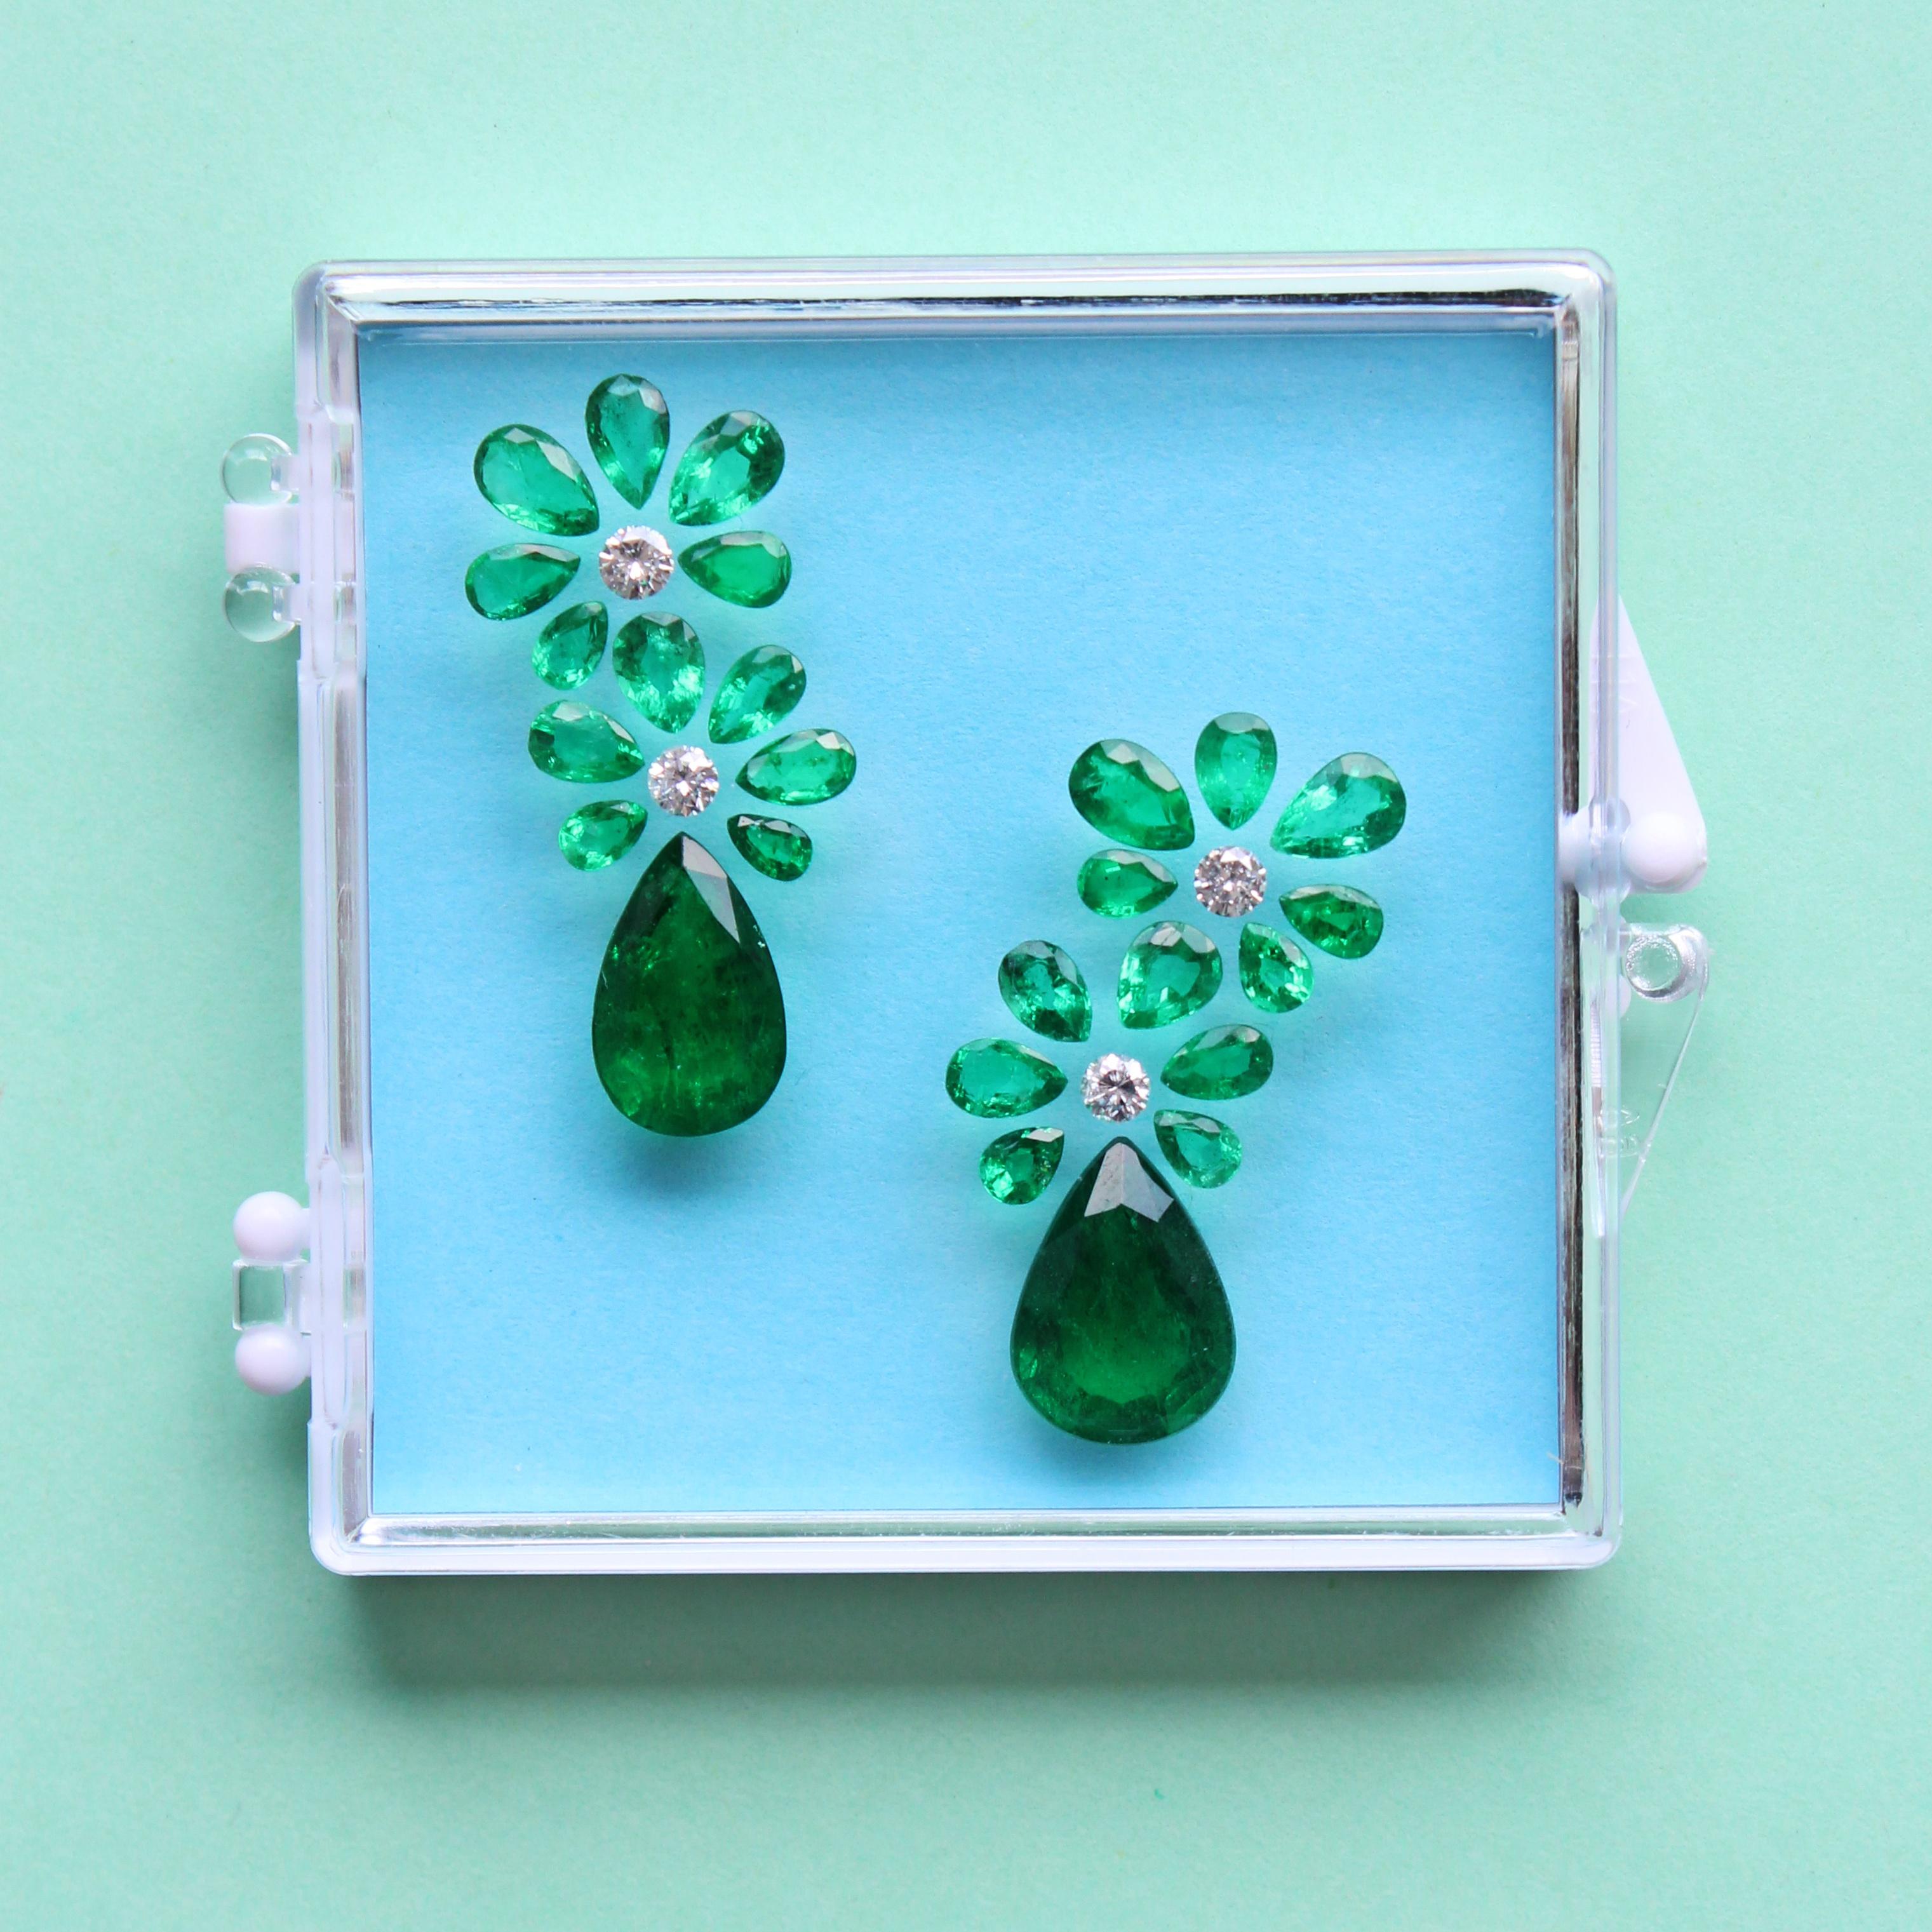 emerald in the box